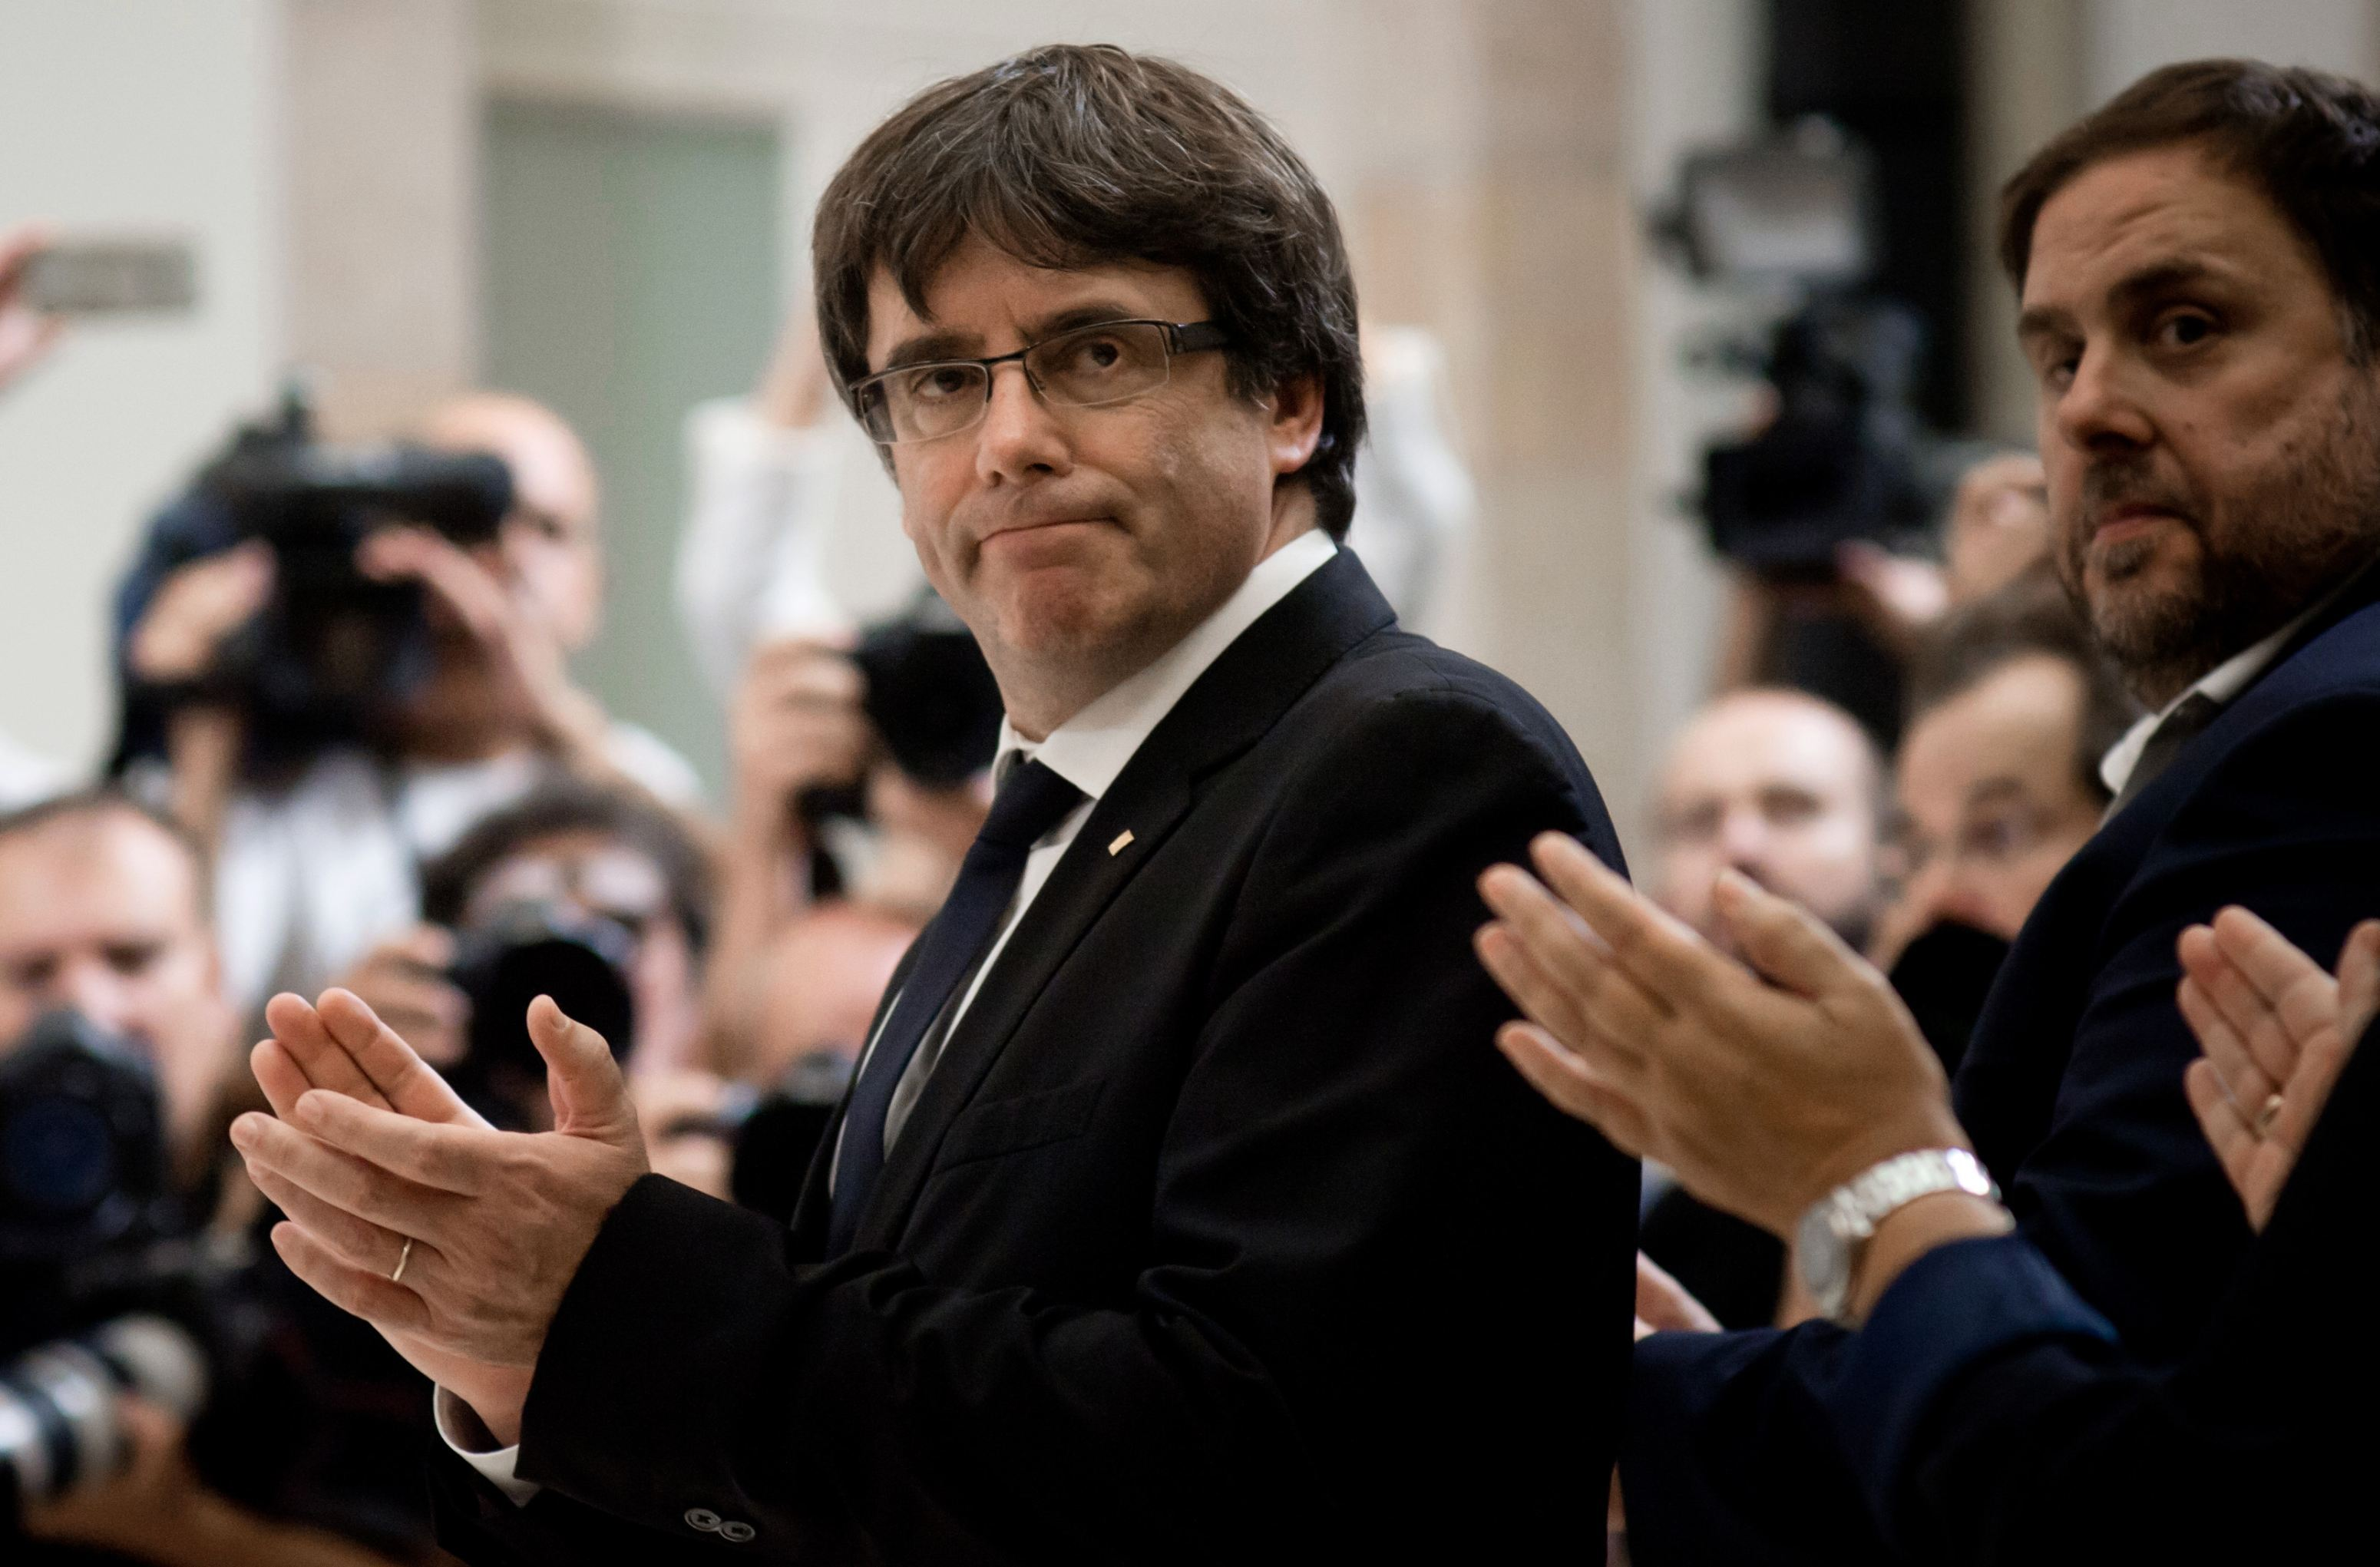 Puigdemont susţine dreptul la independenţă al Cataloniei, într-o scrisoare trimisă premierului spaniol, şi cere o întrevedere de urgenţă cu Rajoy / Răspunsul Spaniei